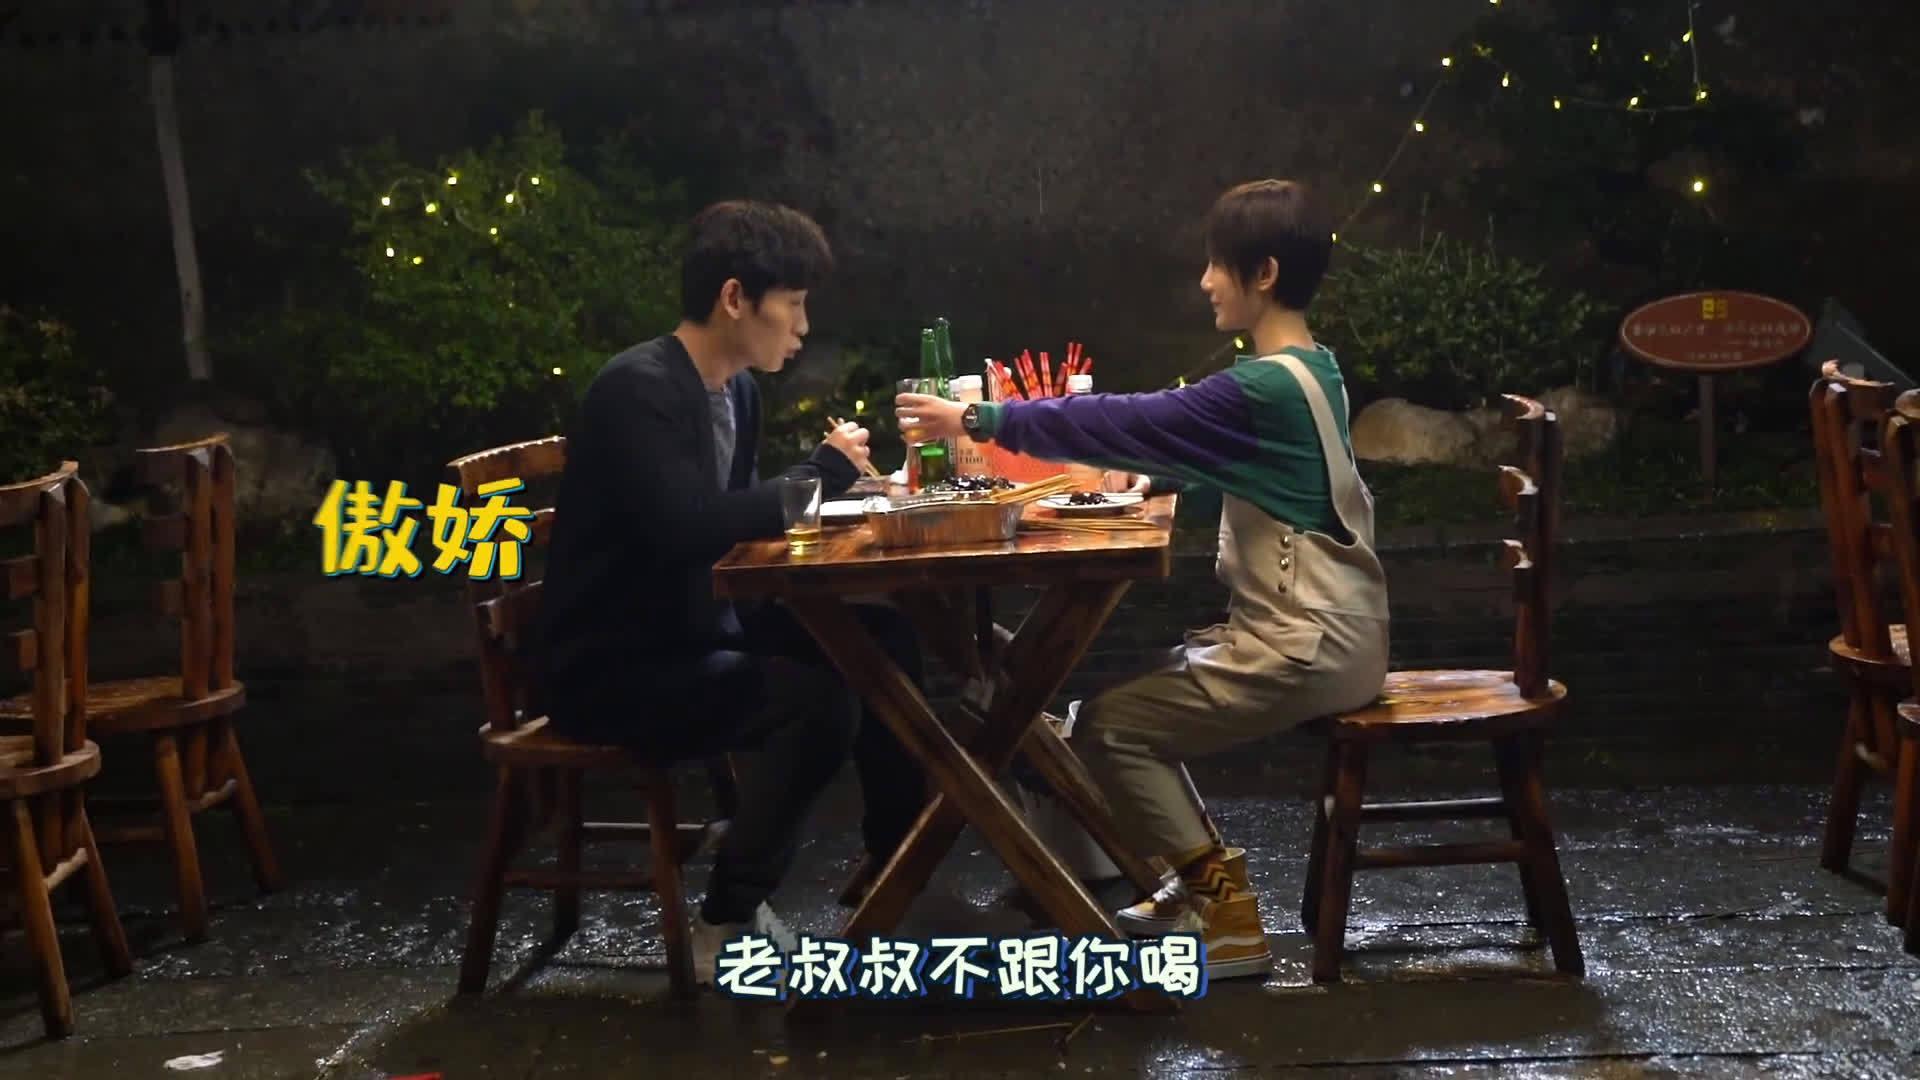 小白和吴邪这小朋友的相处日常有点甜哦~